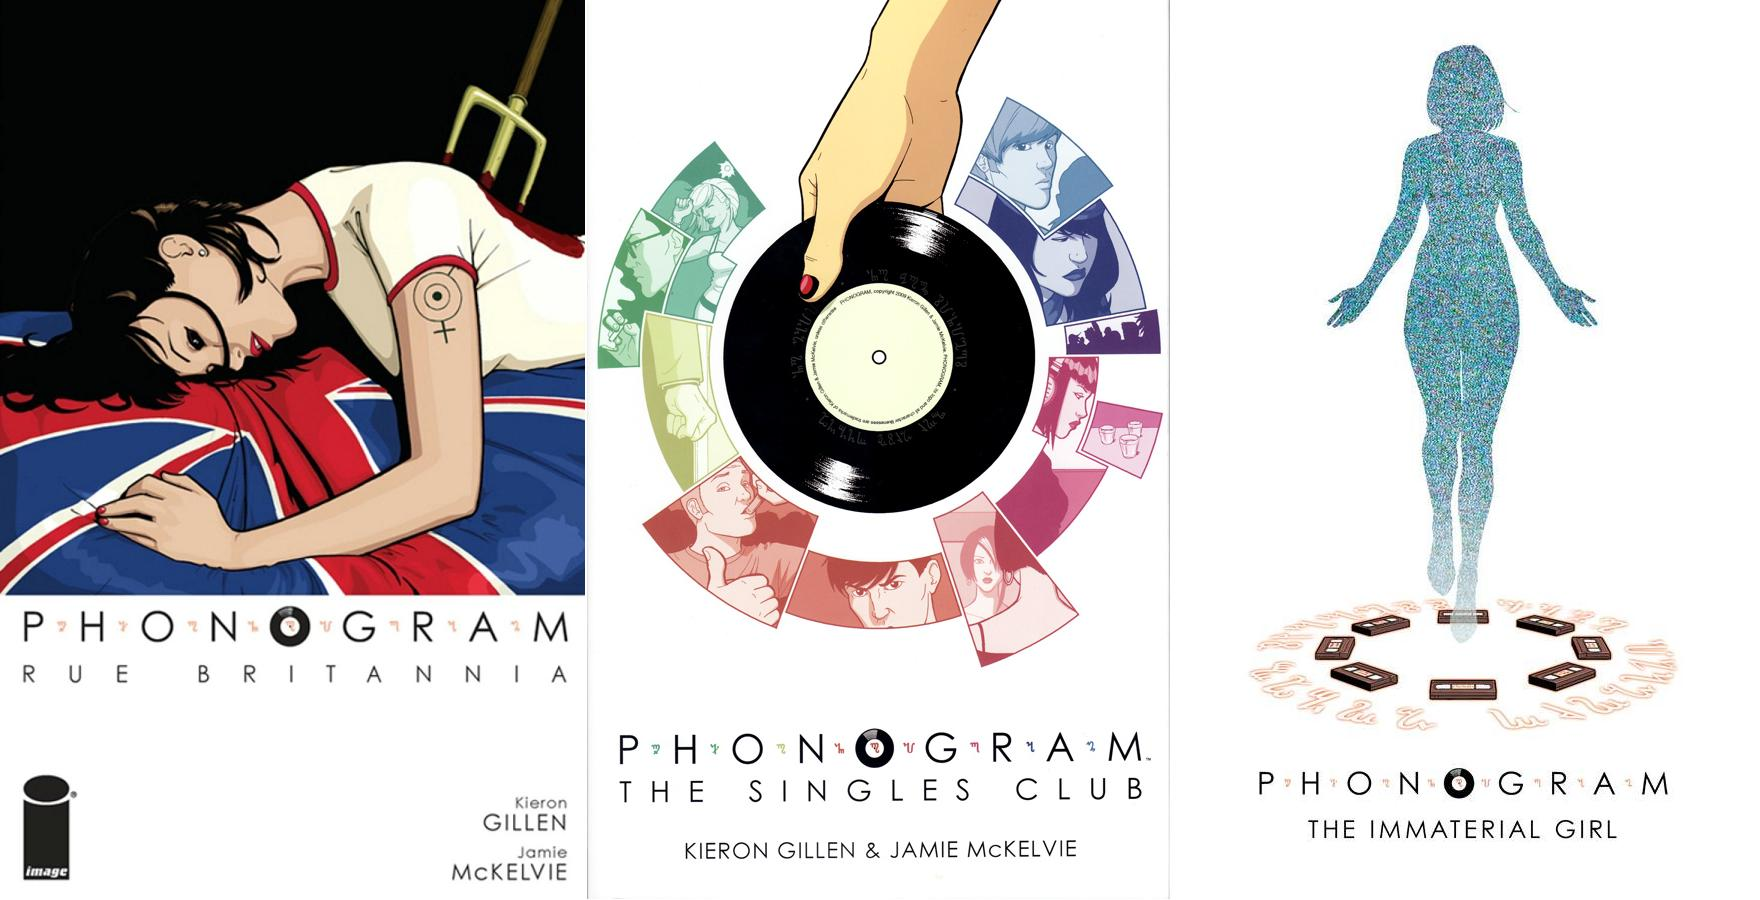 Phonogram fue su primera colaboración con Jamie McKelvie, y tras diez años acaban de finalizar el tercer volumen